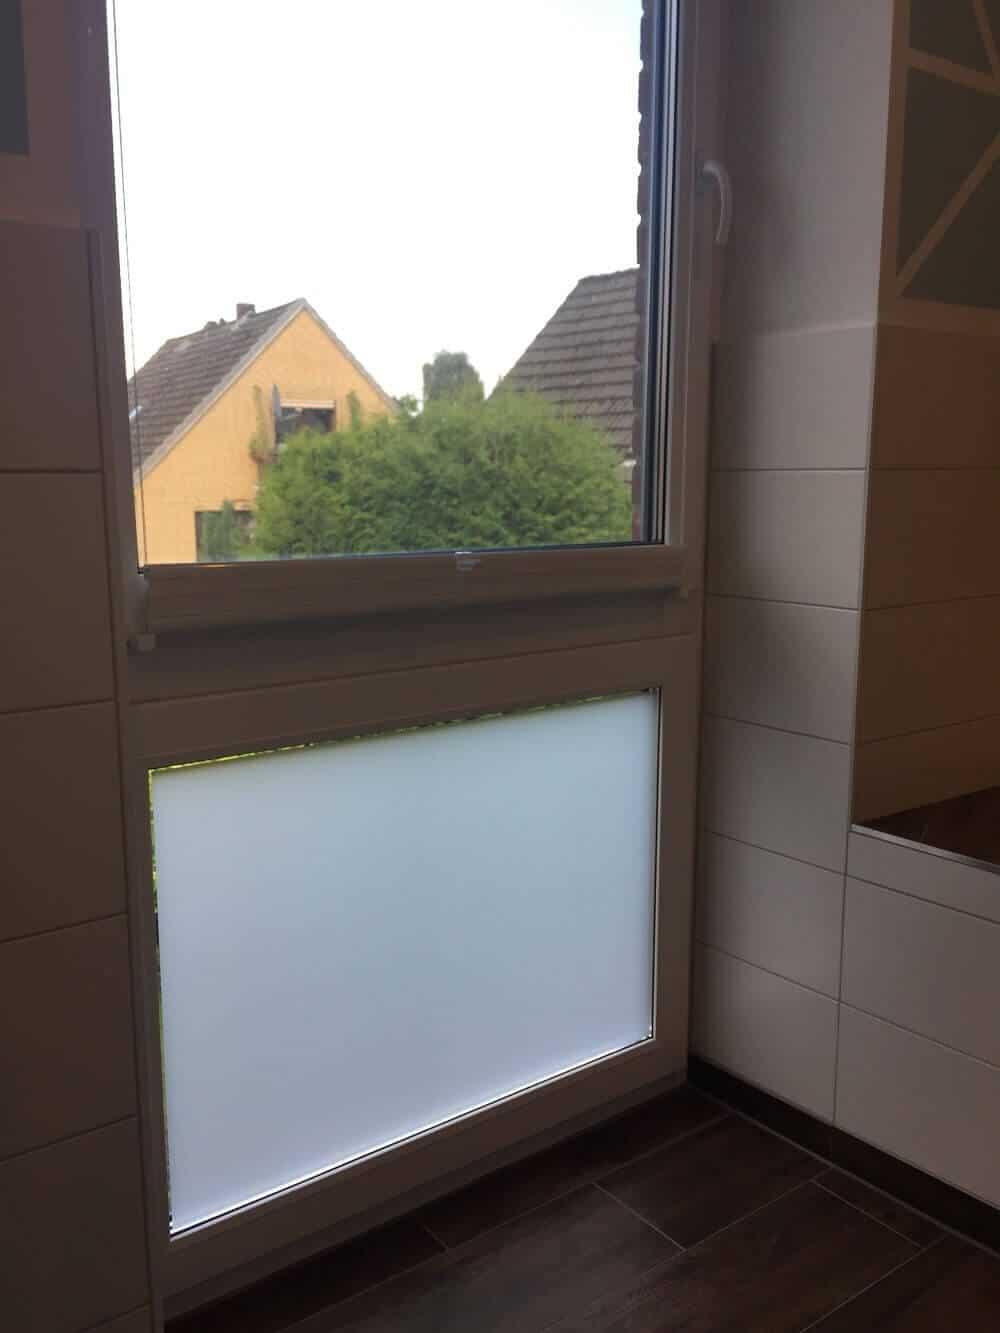 Milchglasfolie - Sichtschutzfolie im Schlaf- und Badezimmer ...